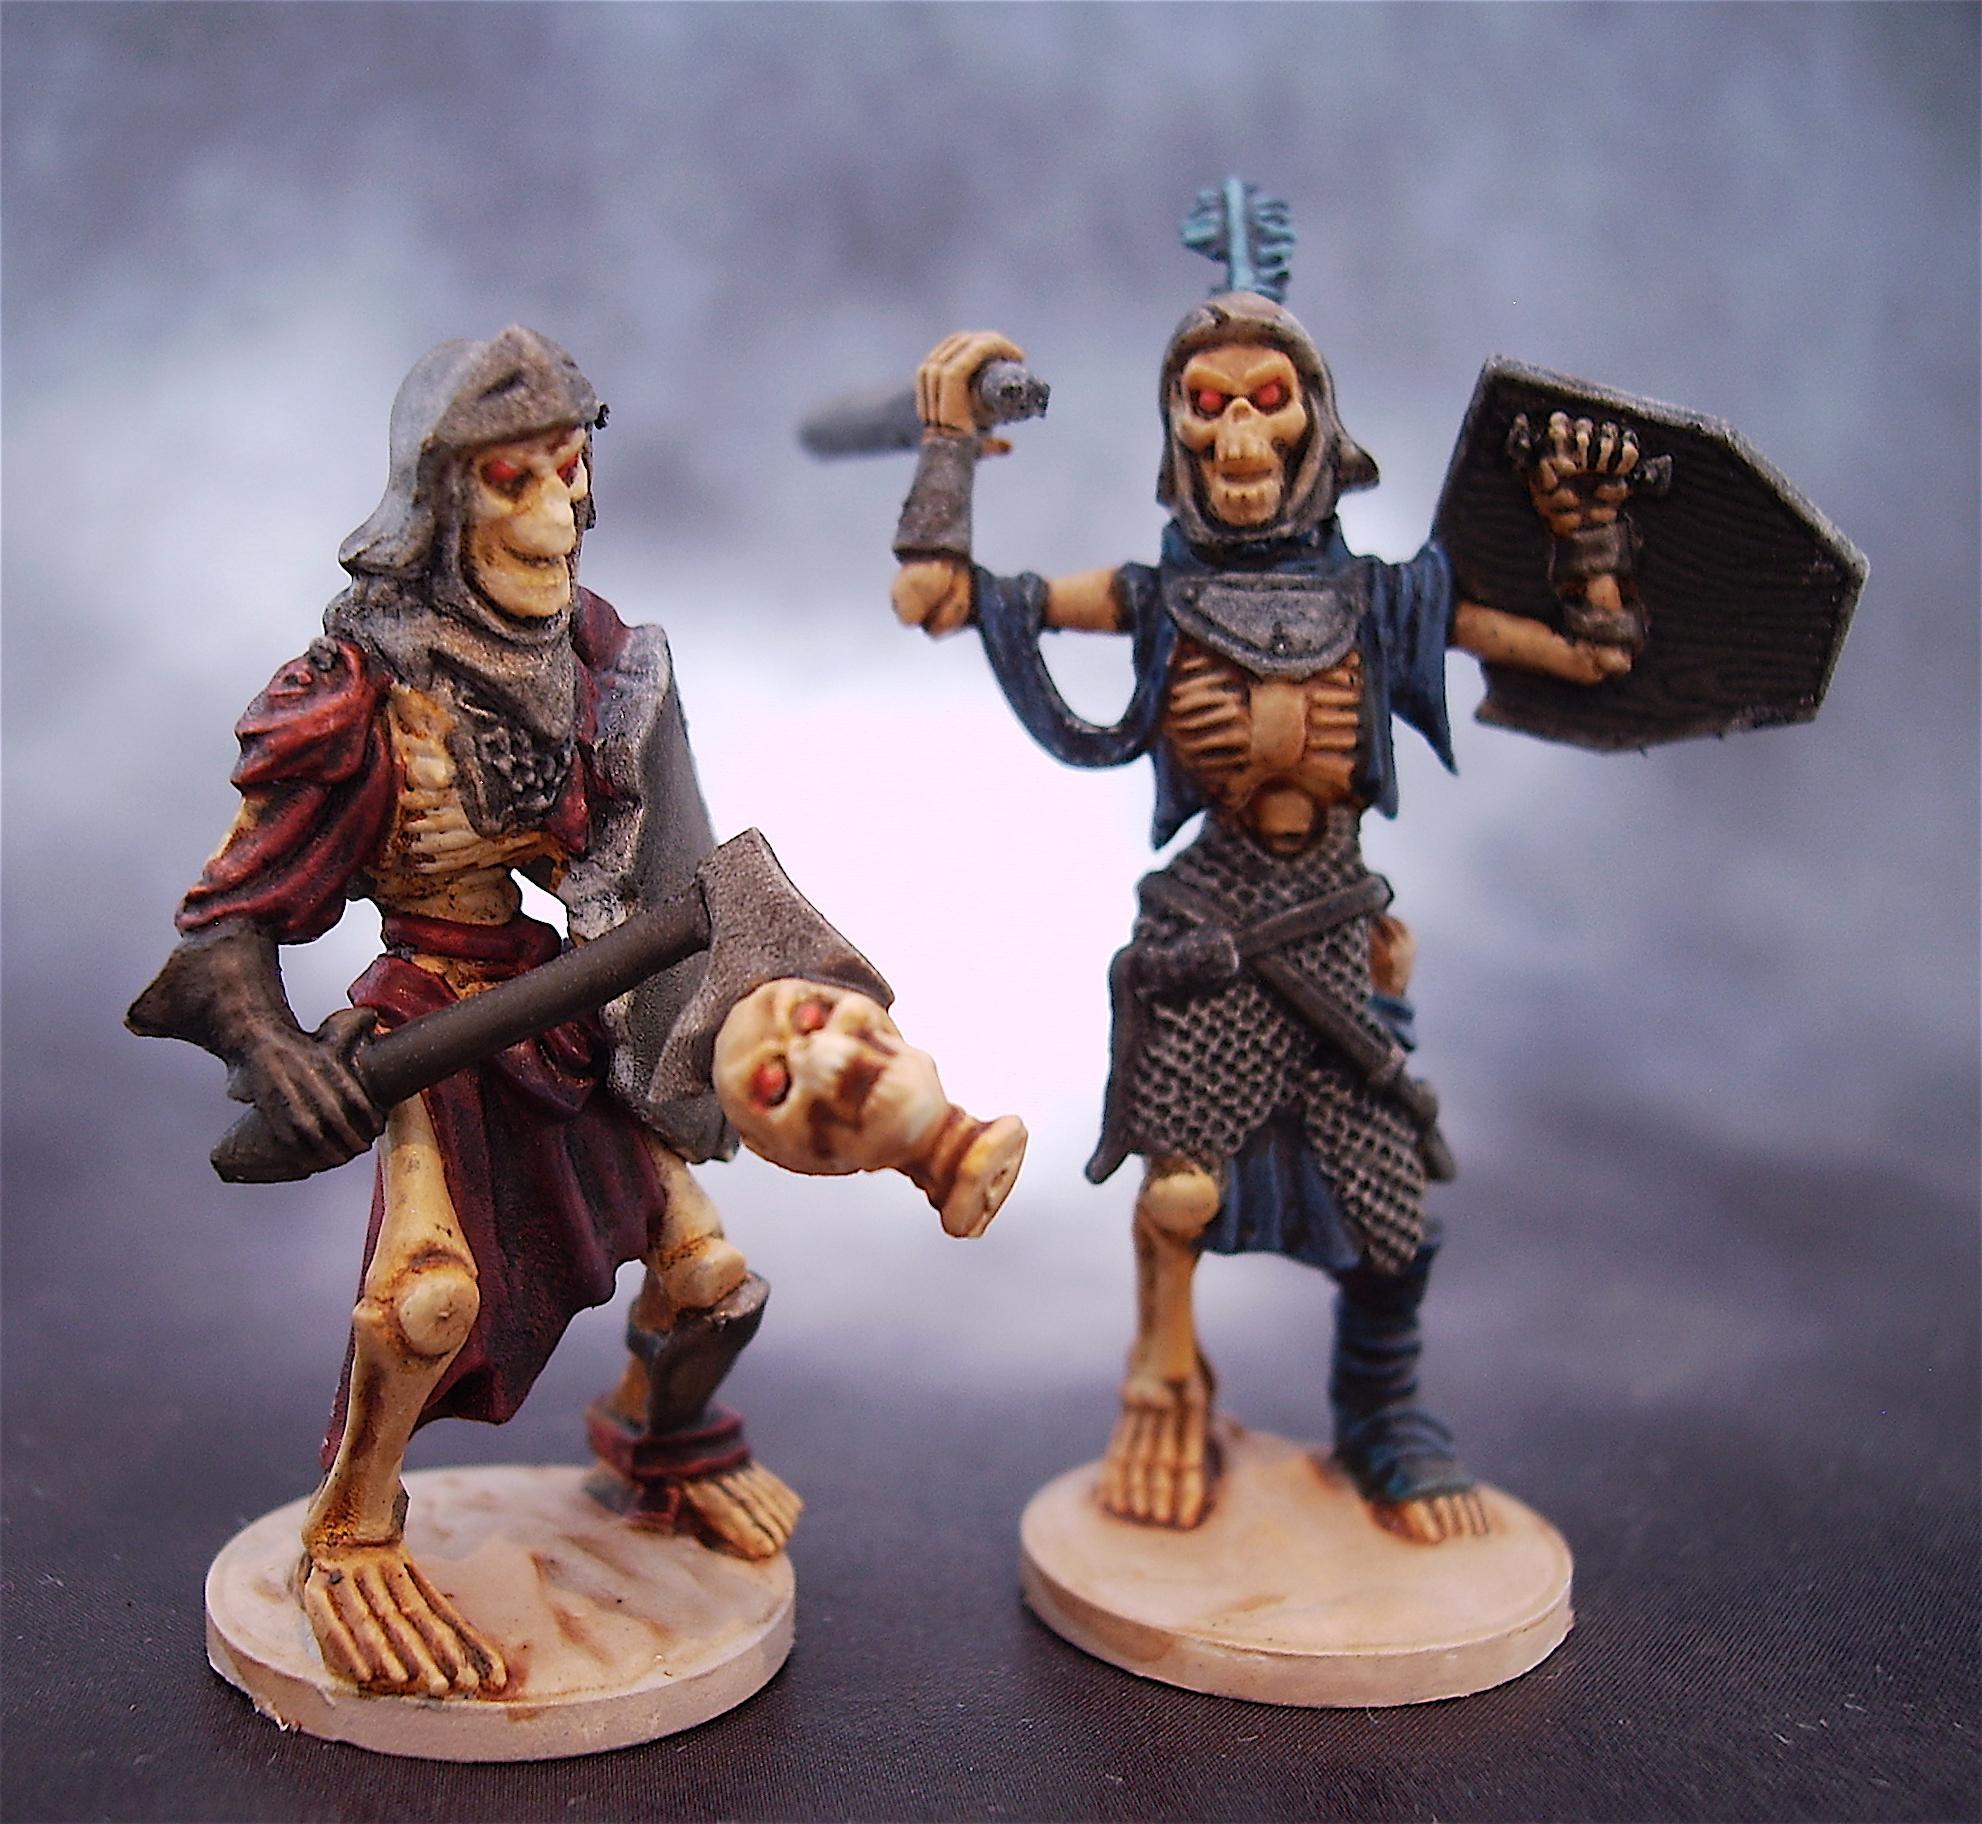 Dwarf's Hold, Dwarfs Hold, Dwarves, Mantic, Skeletons, Skellies, Skellingtons